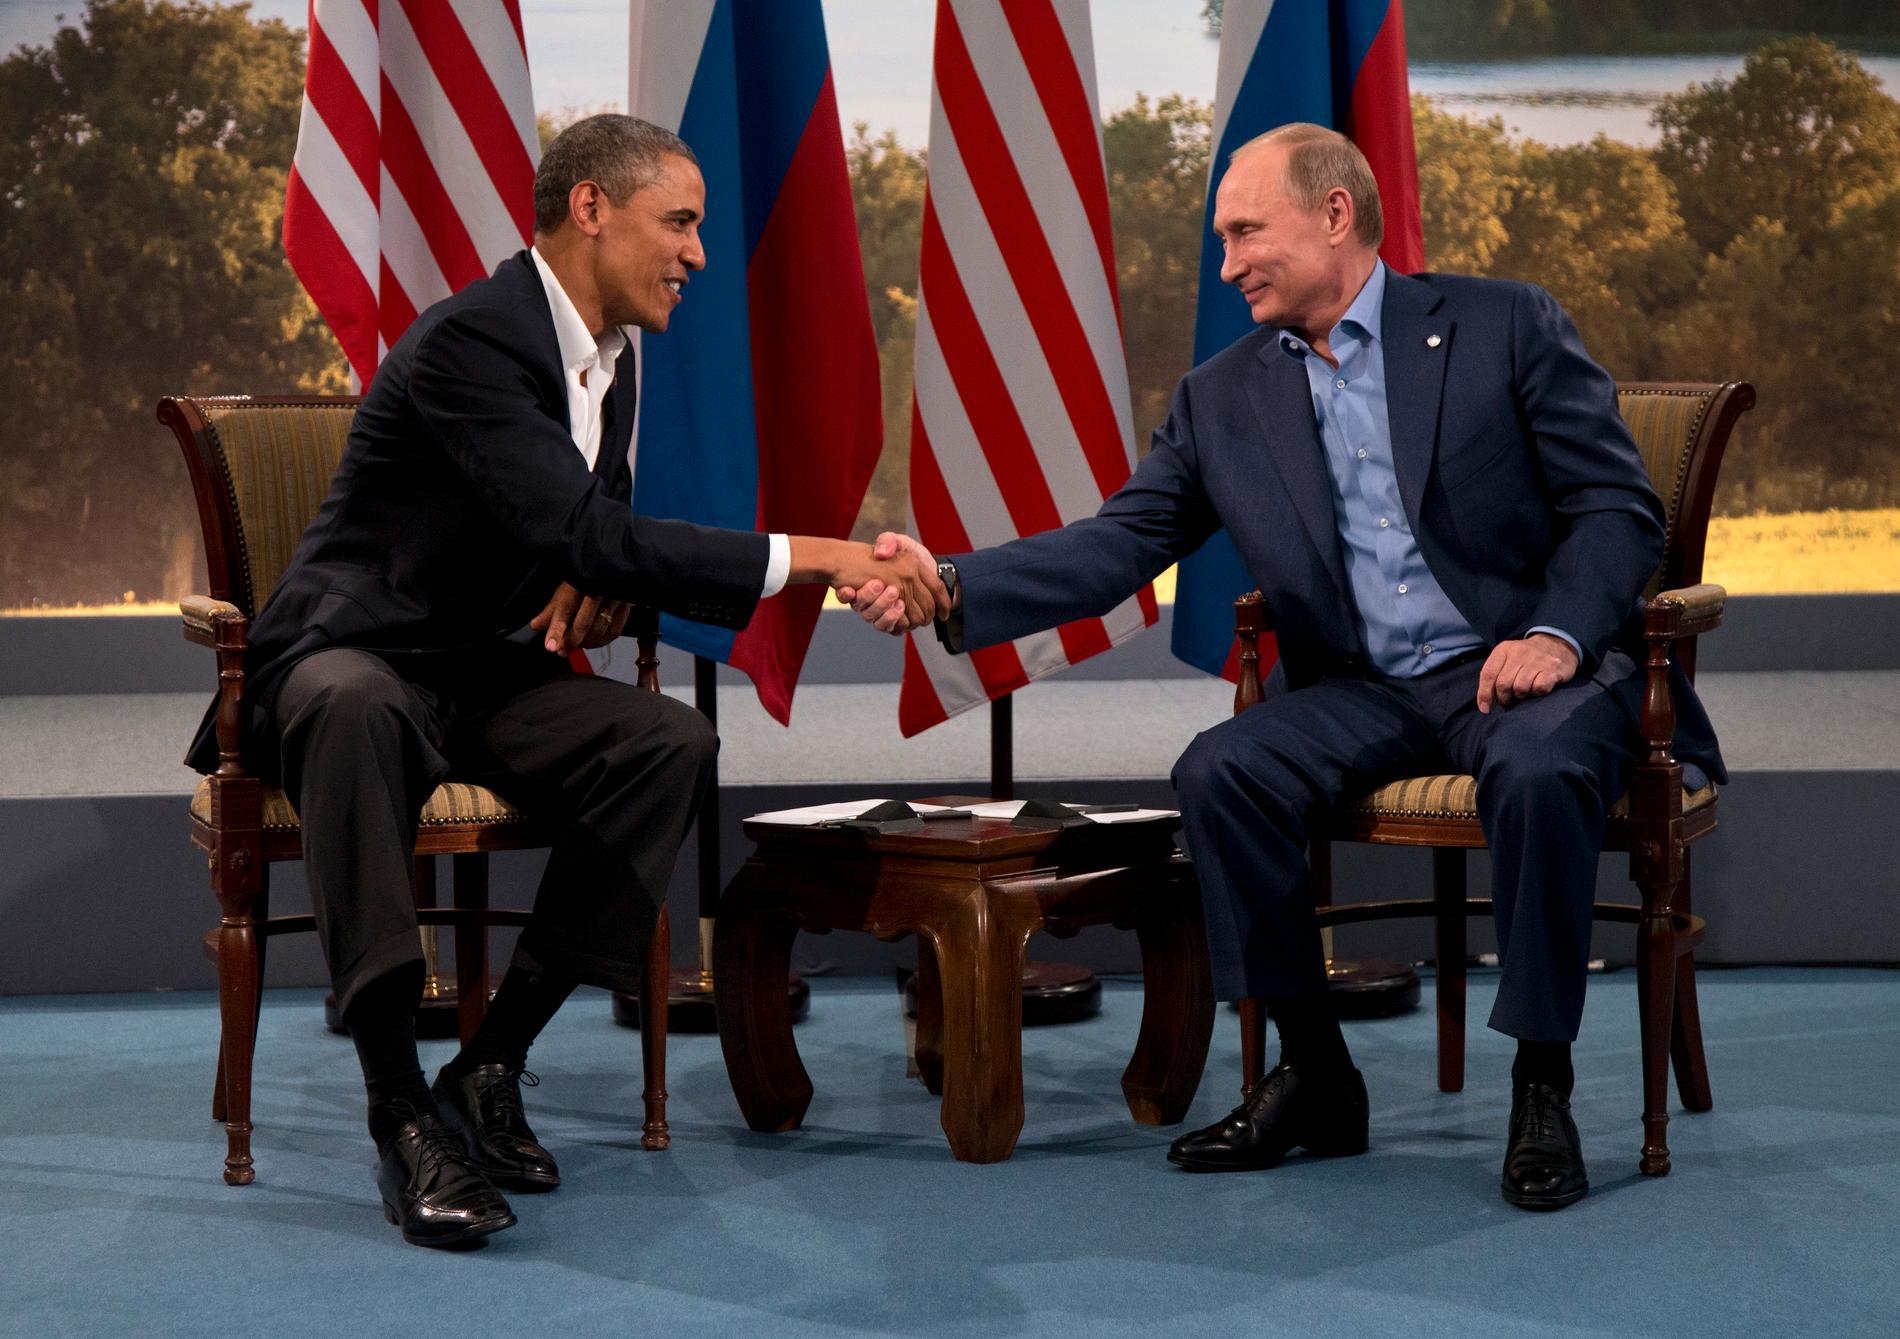 Spelare Nej, Ukrainarkrisen är inte resultatet av stormakternas kamp. Bilden från ett bilateralt möt emellan Obama och Putin i Nordirland, 2013.